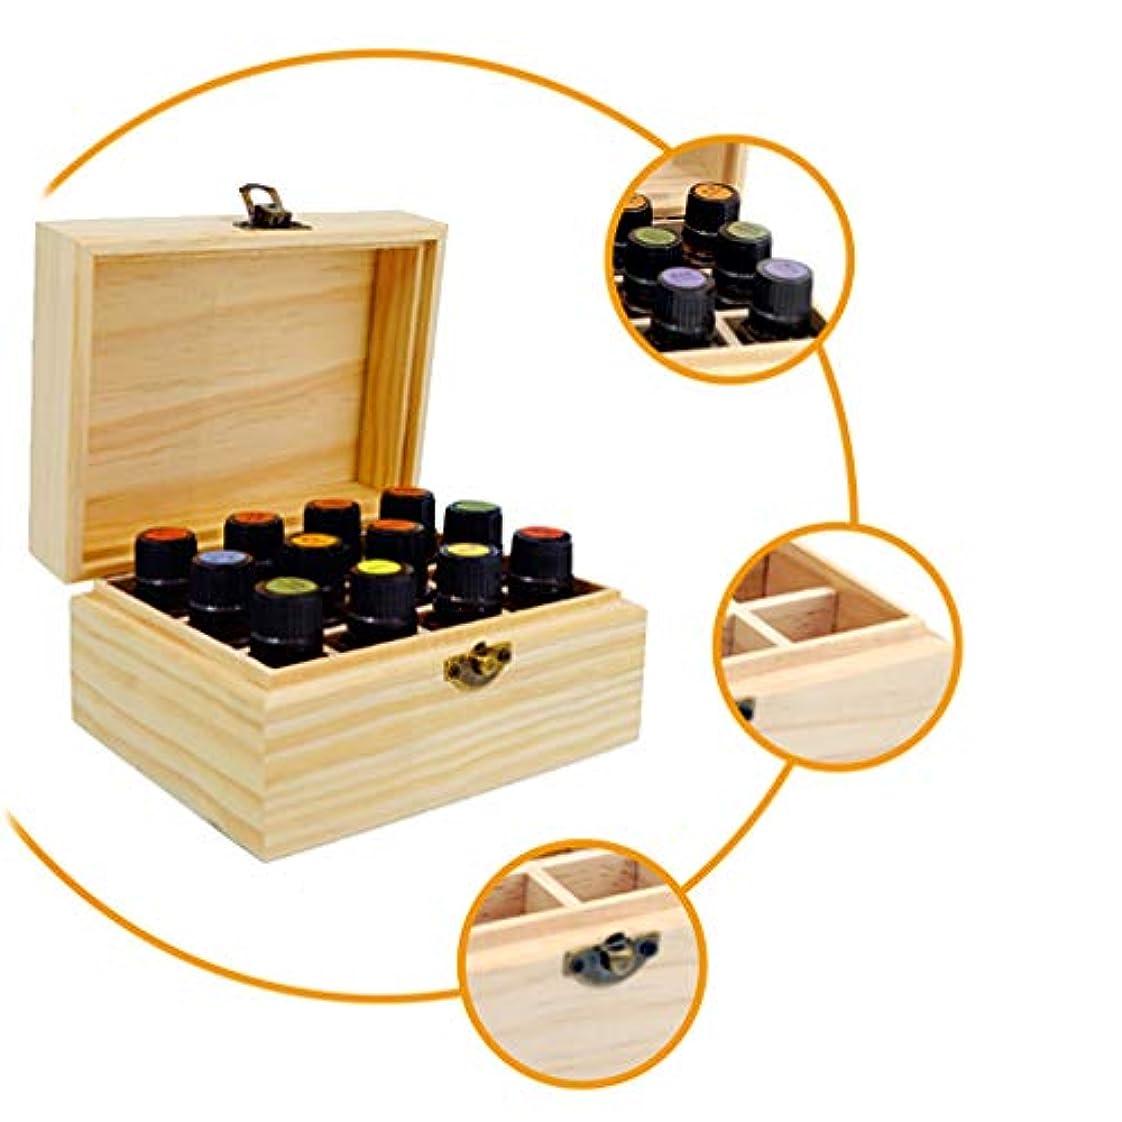 口十分ではない埋めるJIOLK エッセンシャルオイル 収納ボックス 12本用 木製 香水収納ケース 大容量 精油収納 携帯便利 オイルボックス おしゃれ 精油ケース